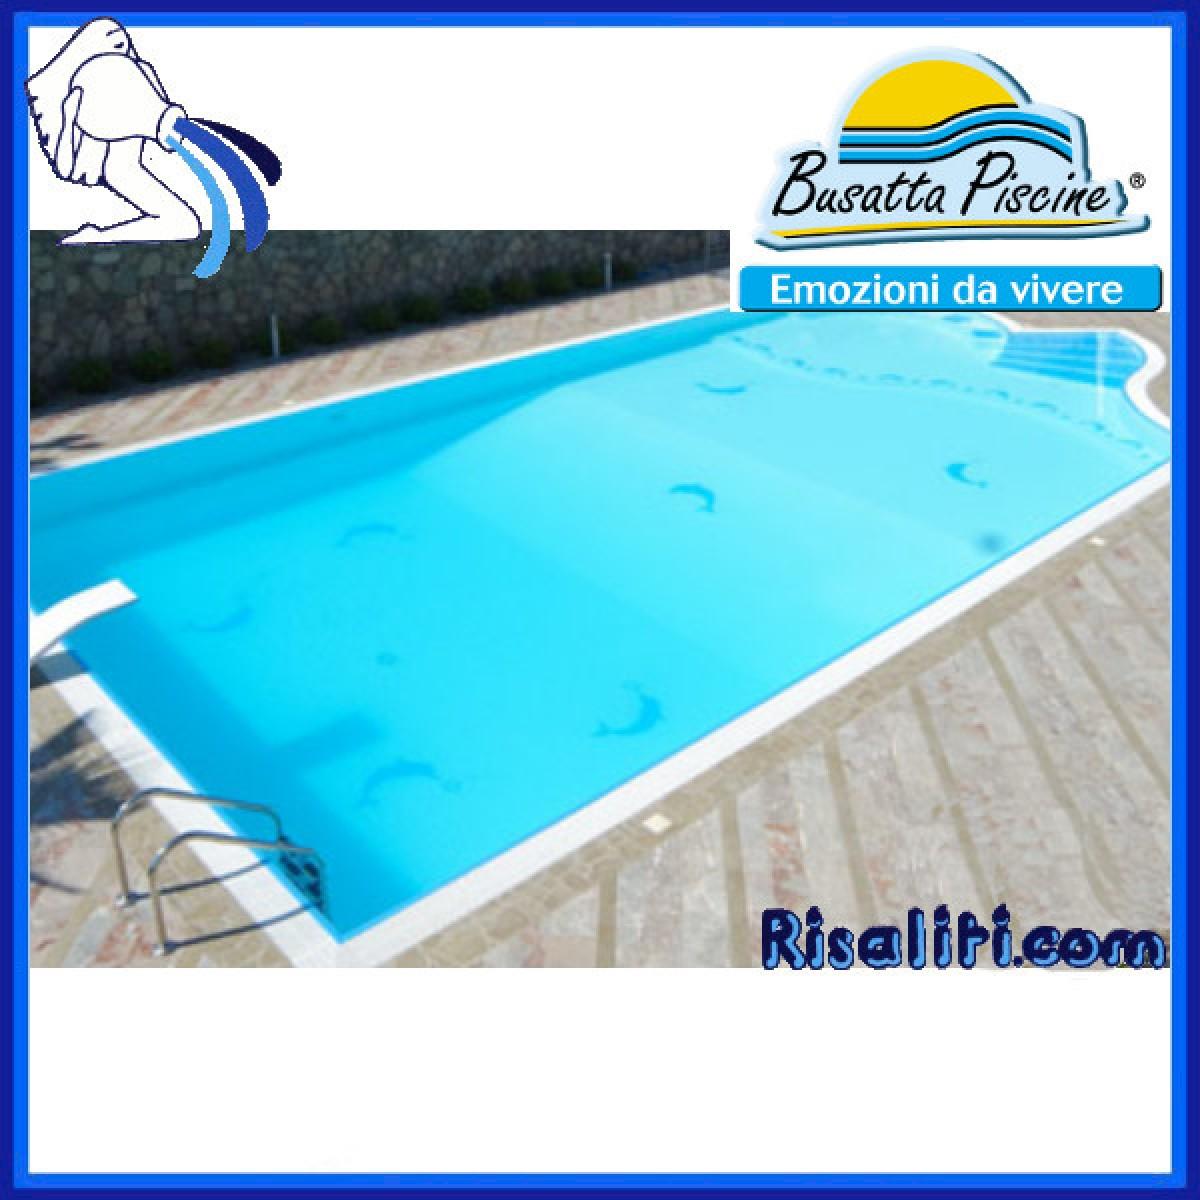 Risaliti depurazione acqua e piscine prato e pistoia - Piscine busatta ...